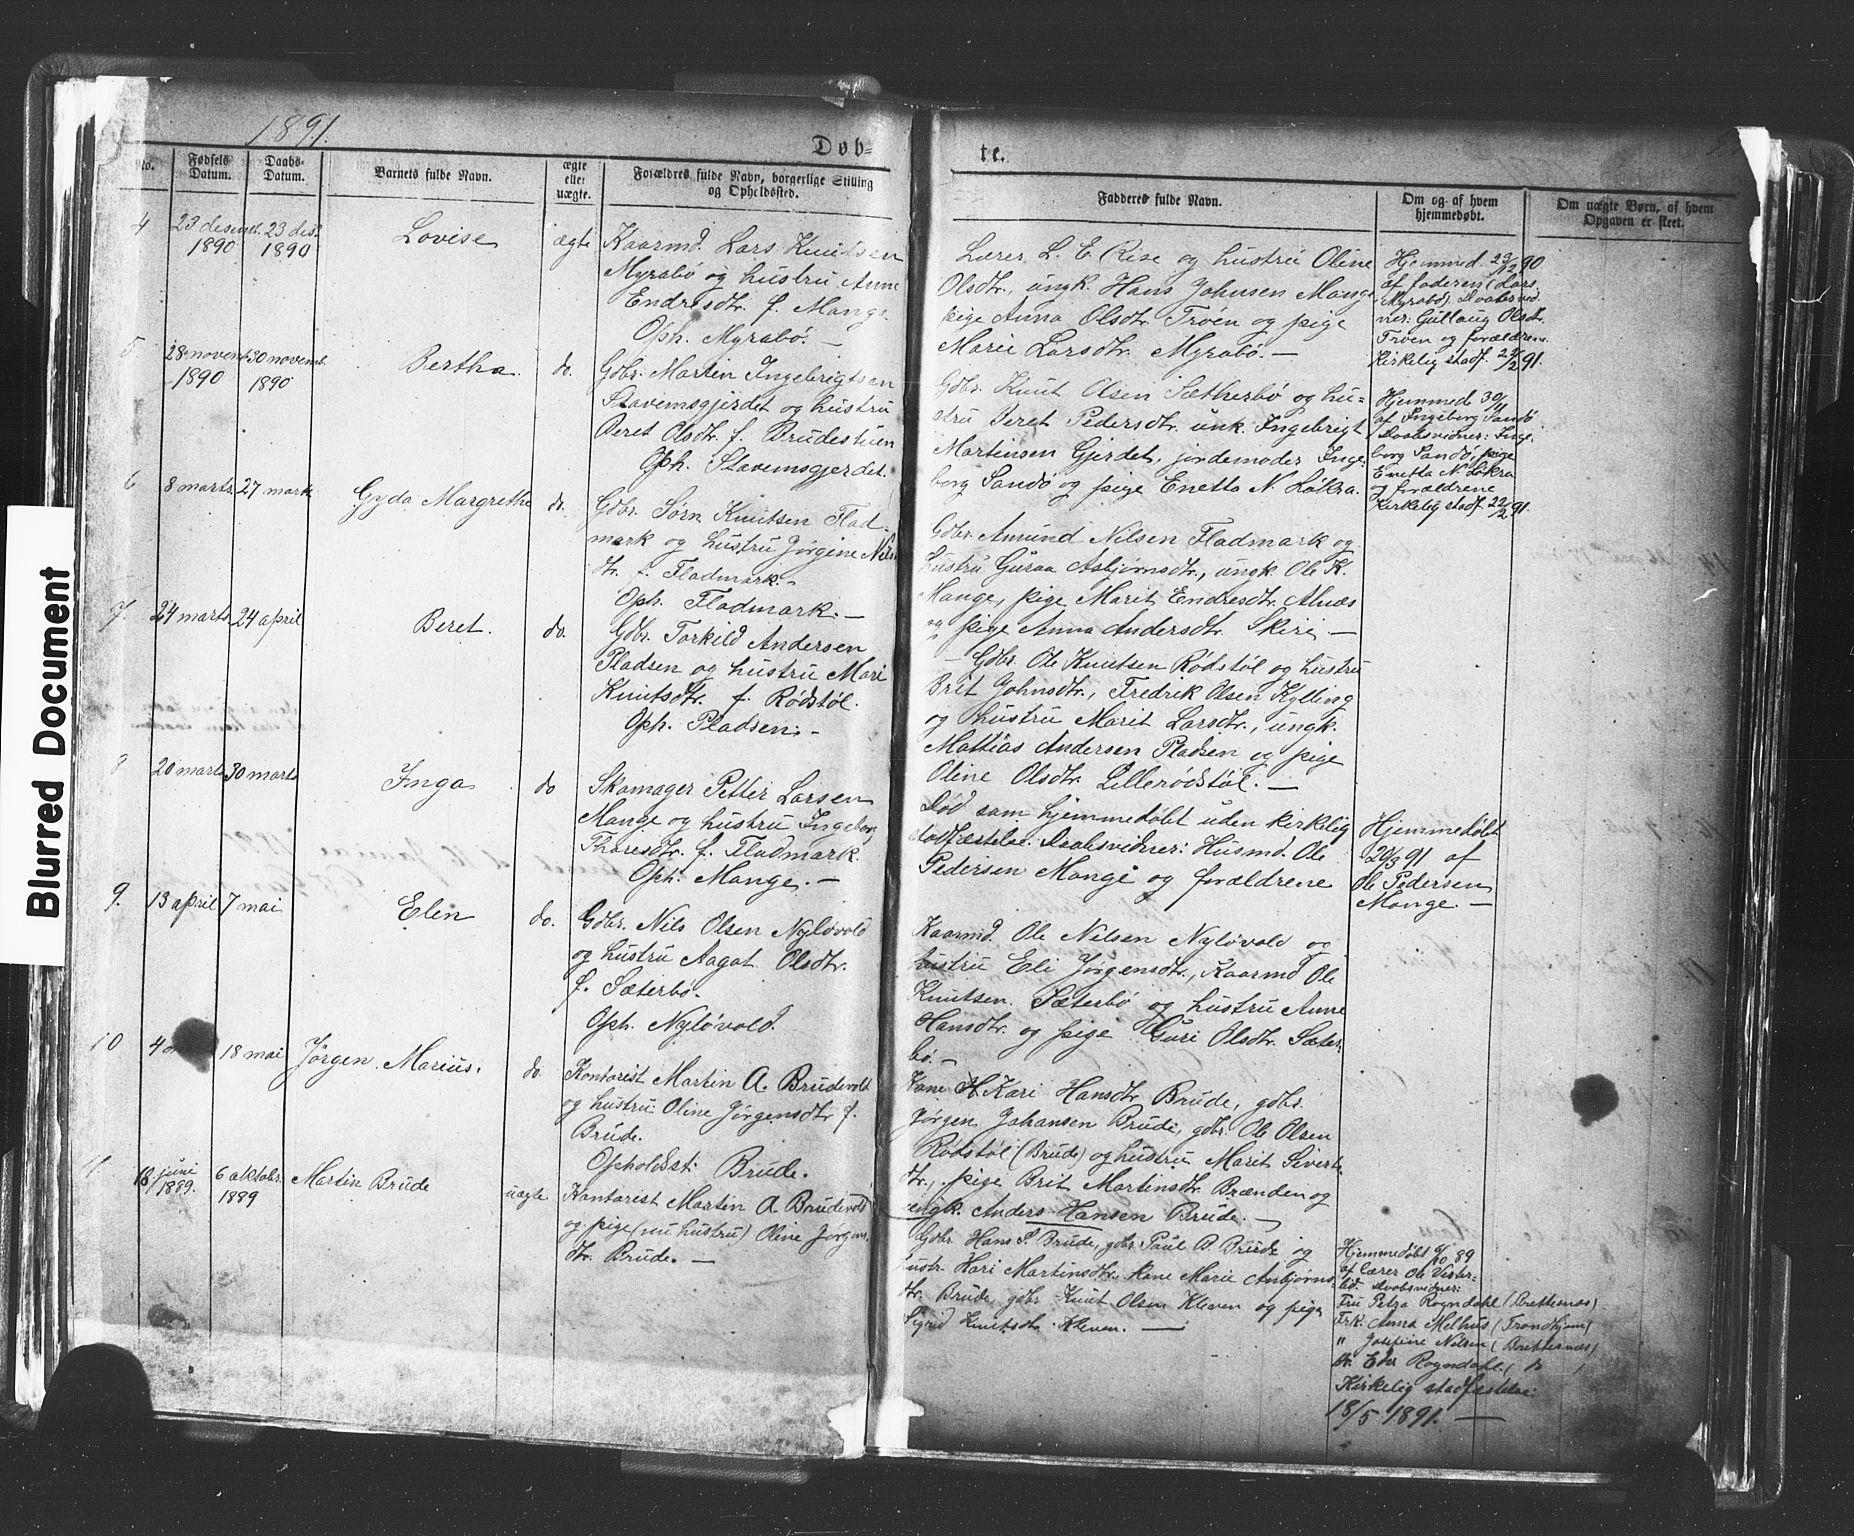 SAT, Ministerialprotokoller, klokkerbøker og fødselsregistre - Møre og Romsdal, 546/L0596: Klokkerbok nr. 546C02, 1867-1921, s. 54